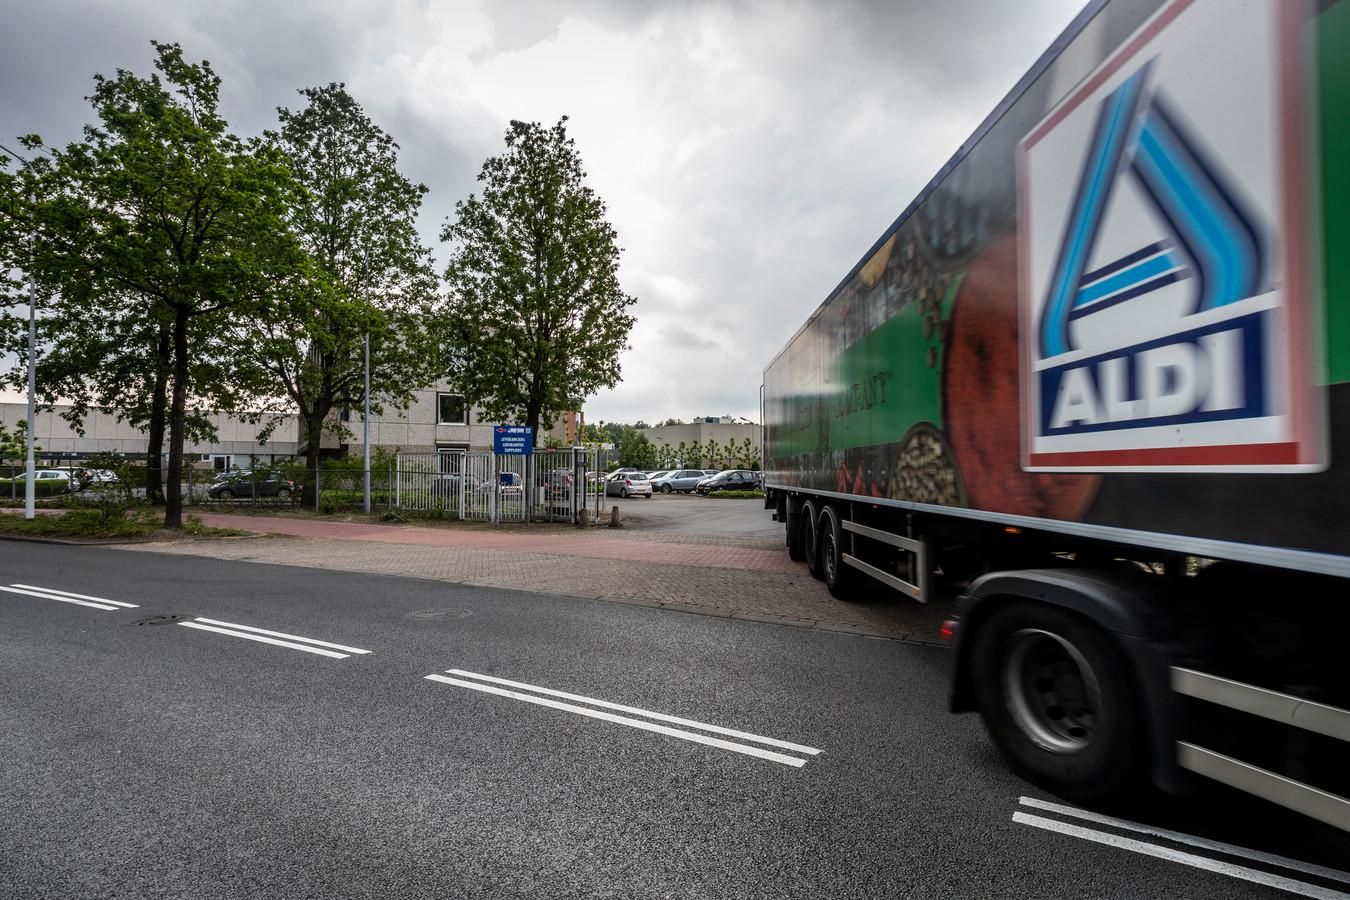 De locatie op Bedrijventerrein Breeven in Best is 'niet toekomstbestendig', stelde de Duitse supermarktketen eerder.